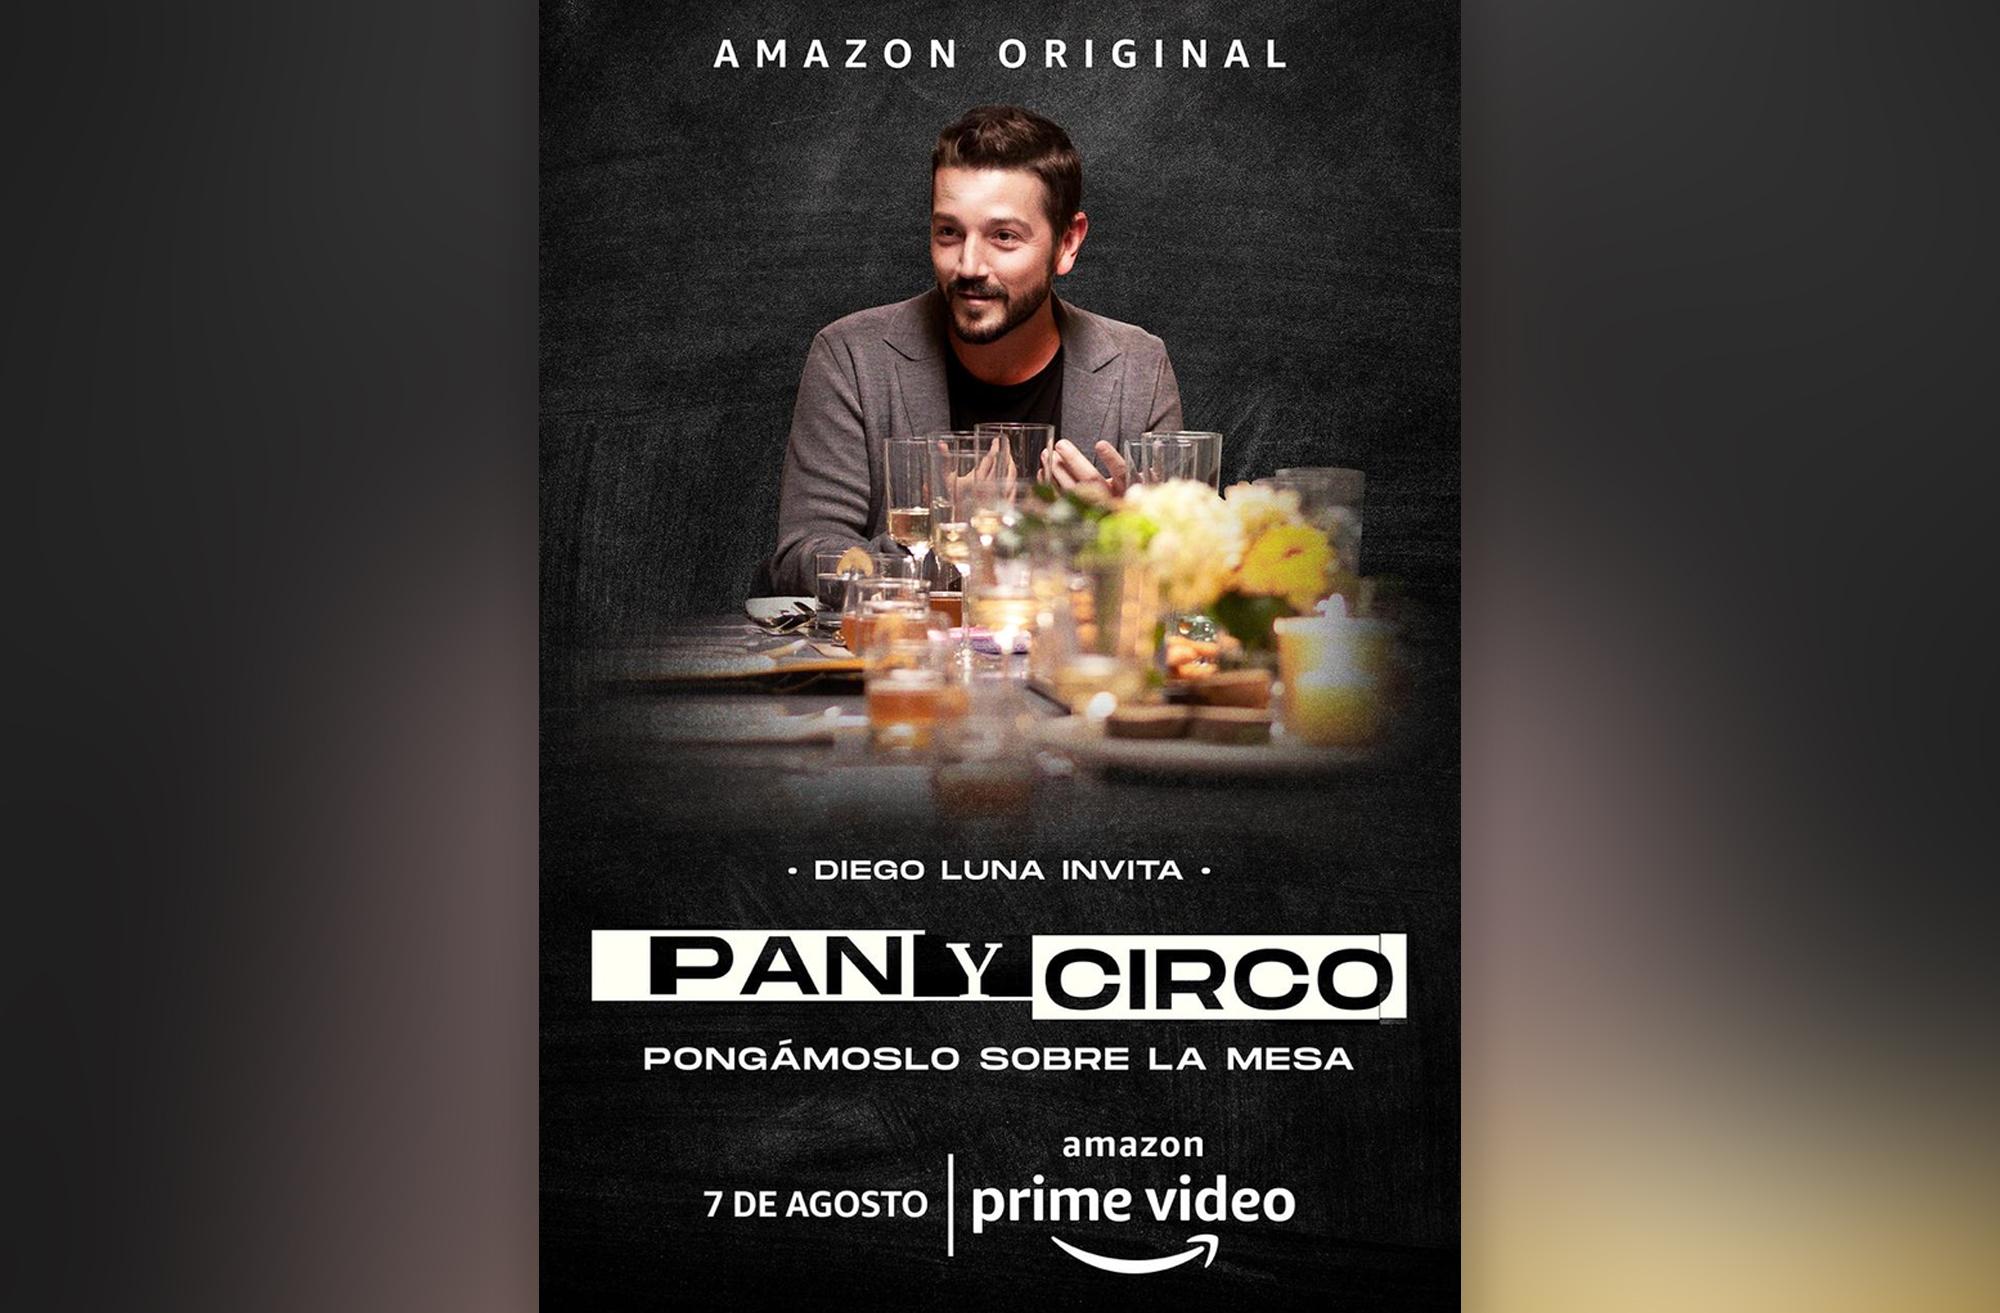 Diego Luna en 'Pan y Circo' de Amazon Prime Video.